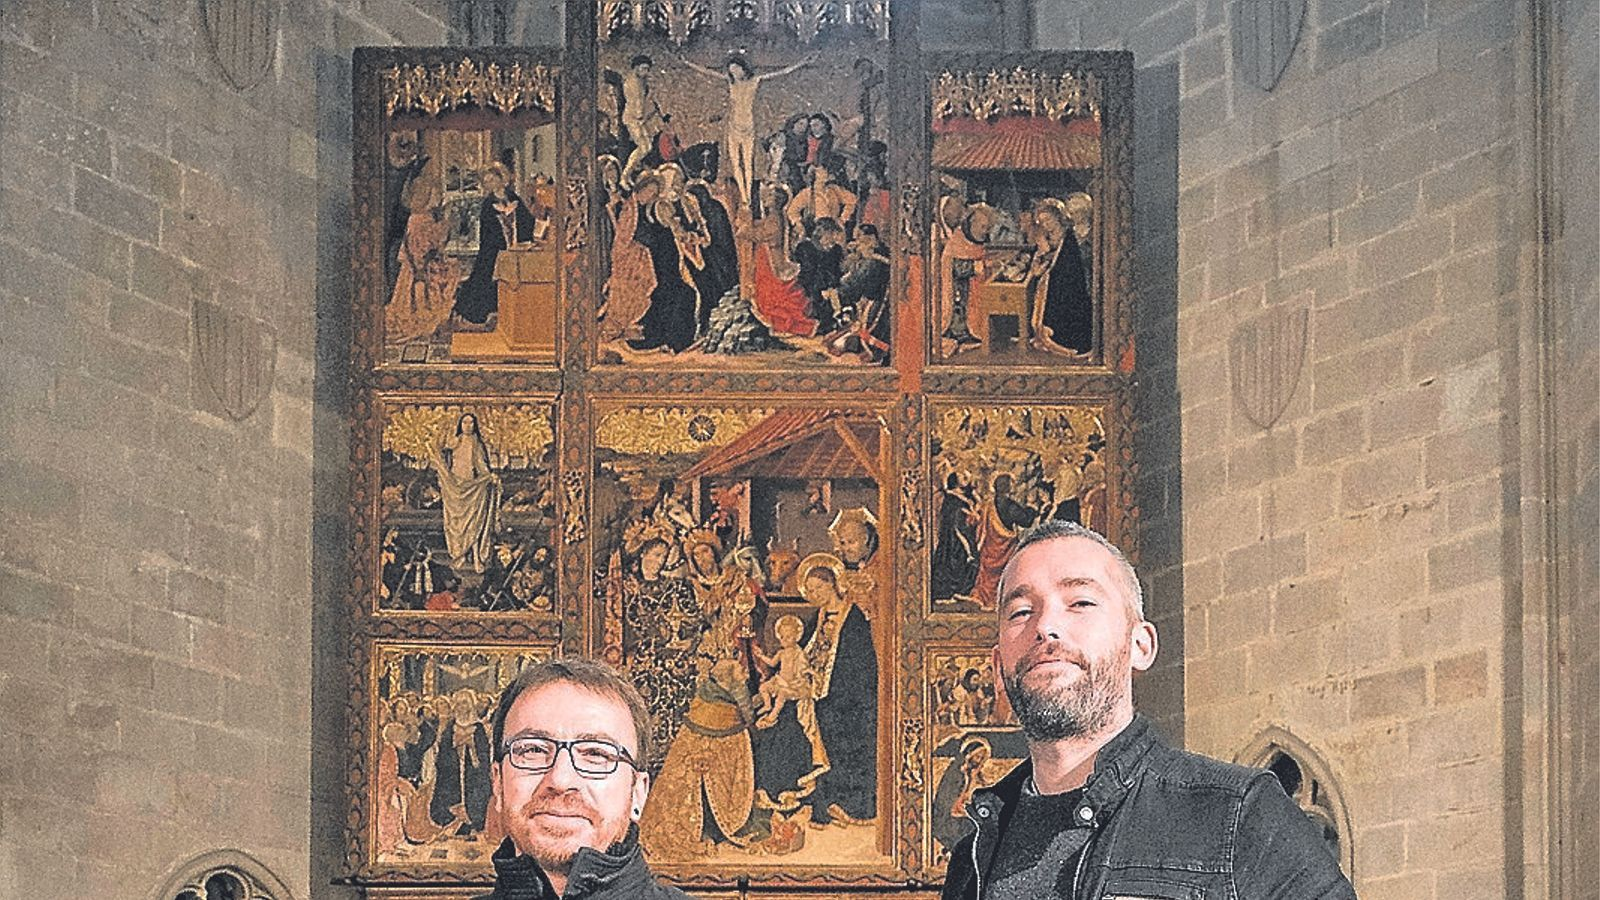 Xavier Pastrana (O Vos Omnes) i Bruno Hurtado (El Gran Teatro del Mundo) davant el 'Retaule del Conestable' a la Capella de Santa Àgata.